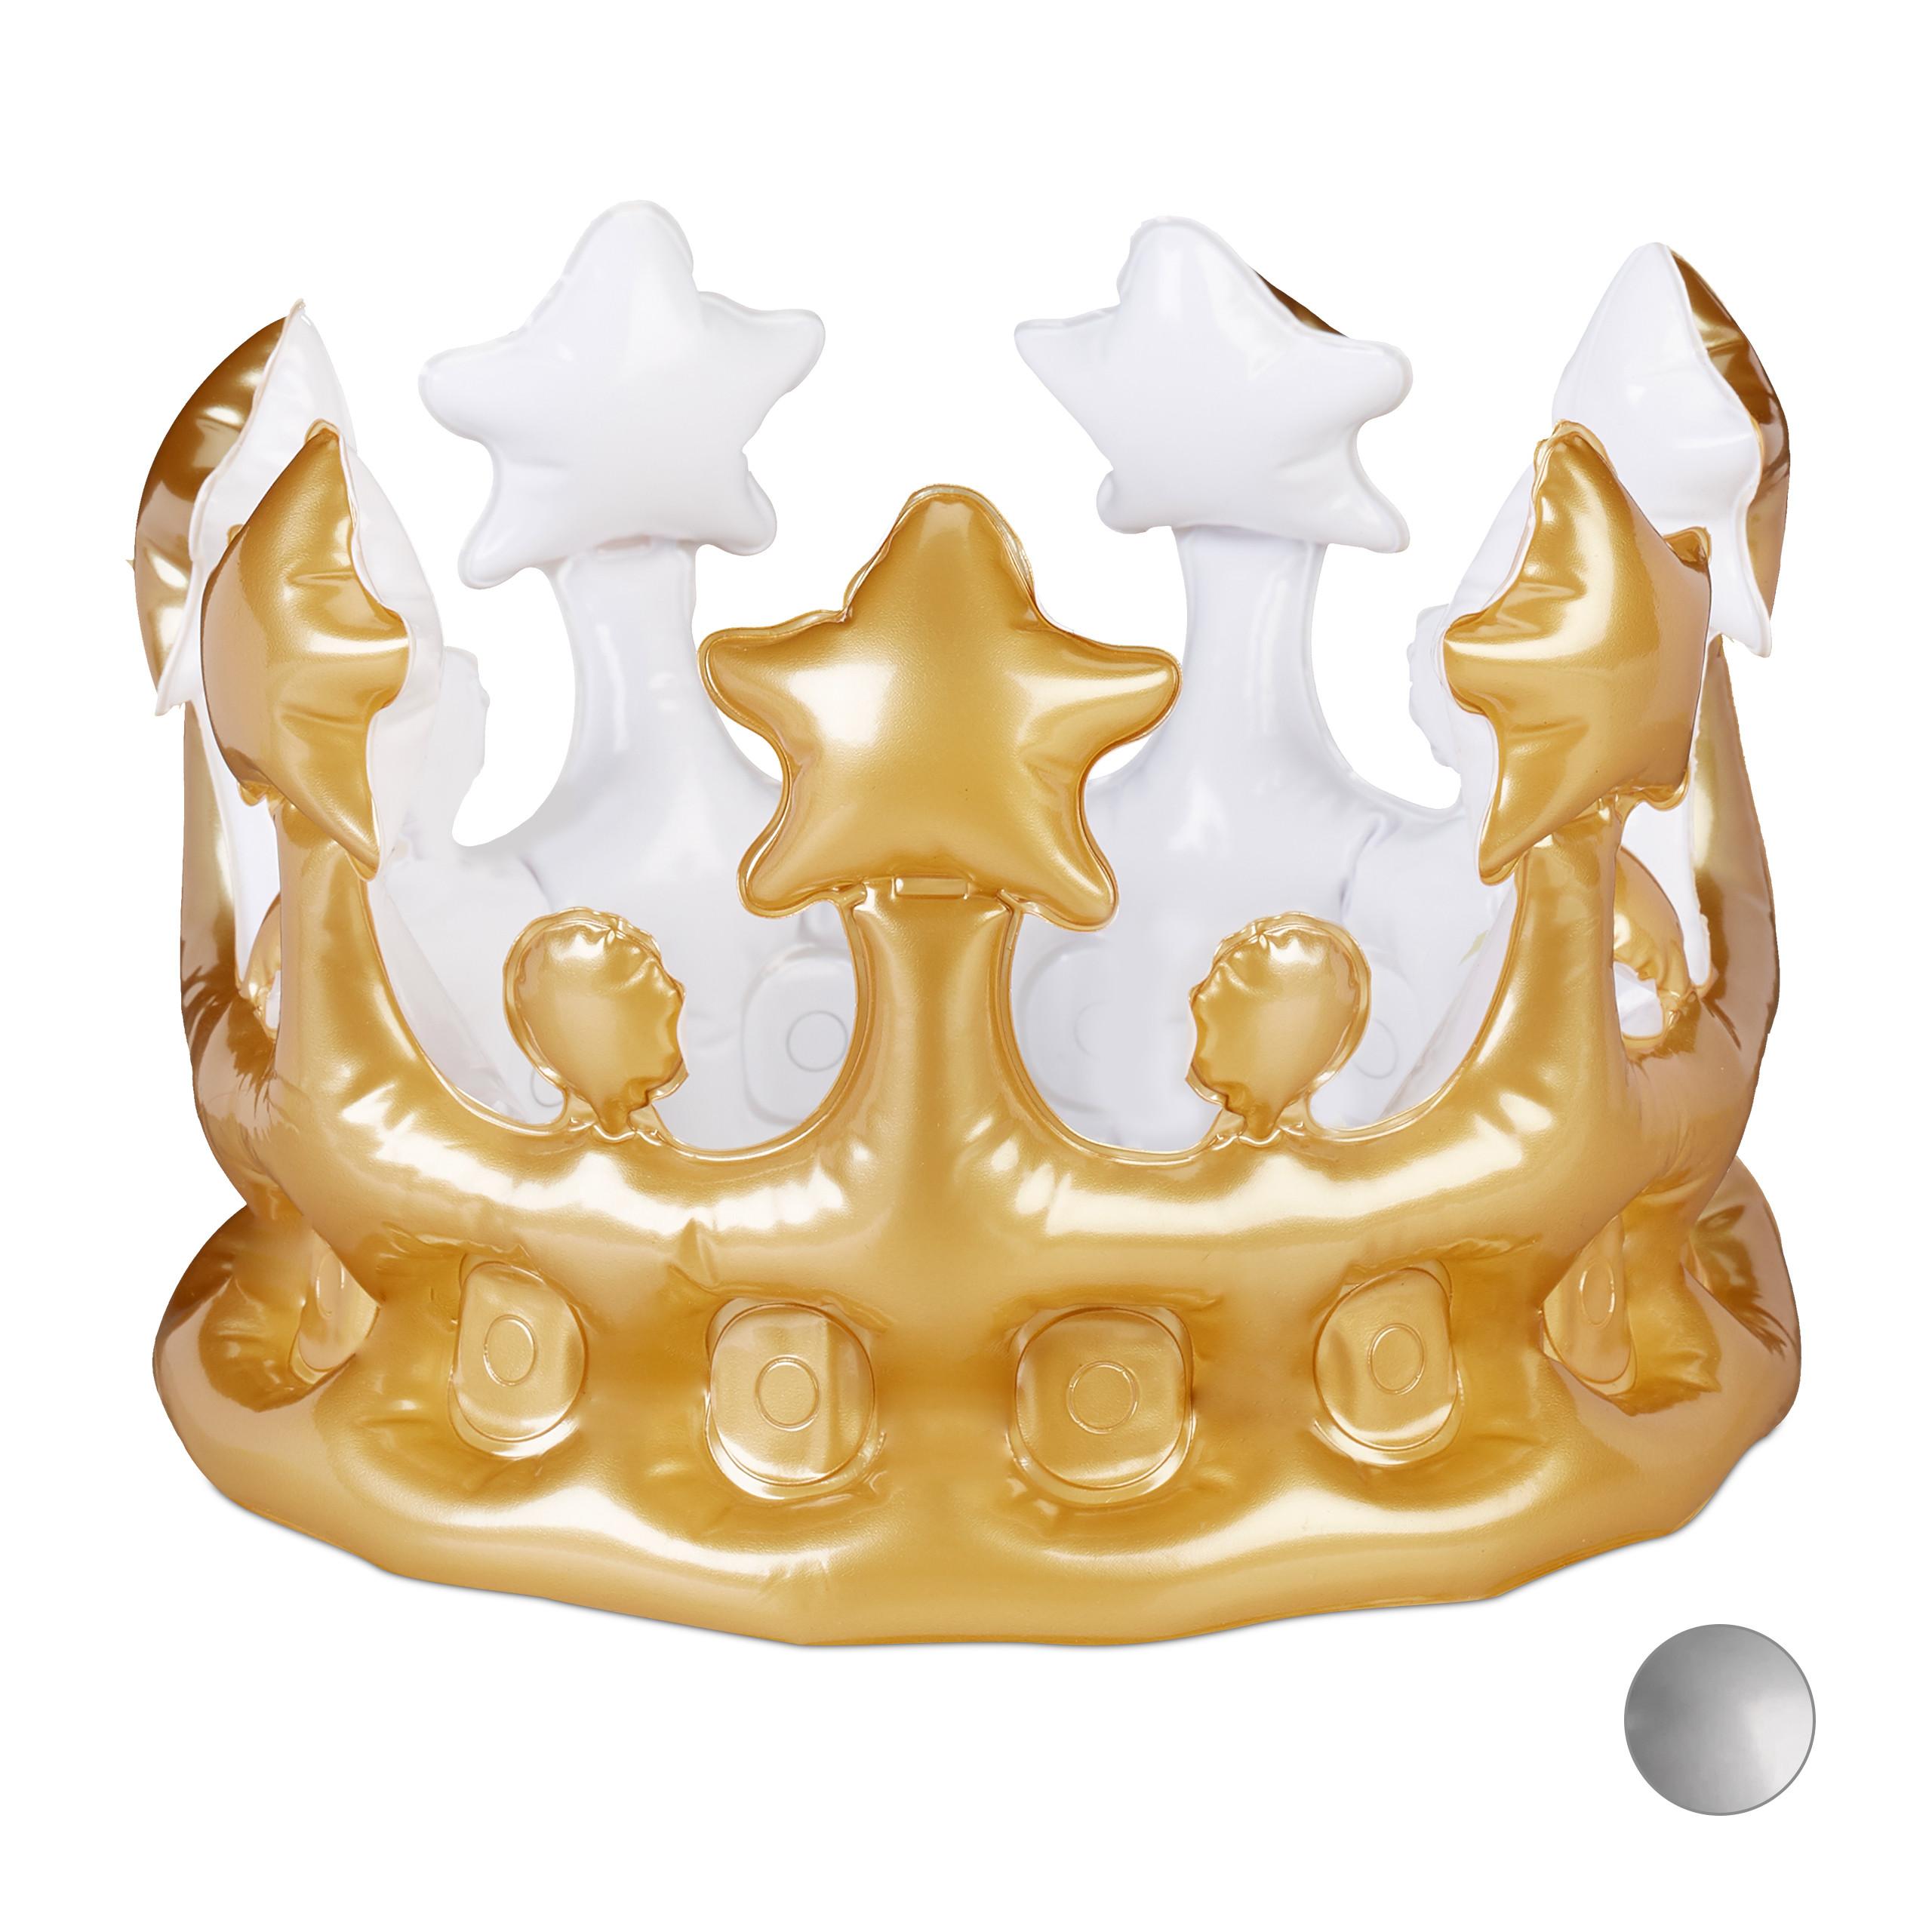 1 Stück Aufblasbare Krone Königskrone Kronen Kaiserkrone Fasching Karneval gold